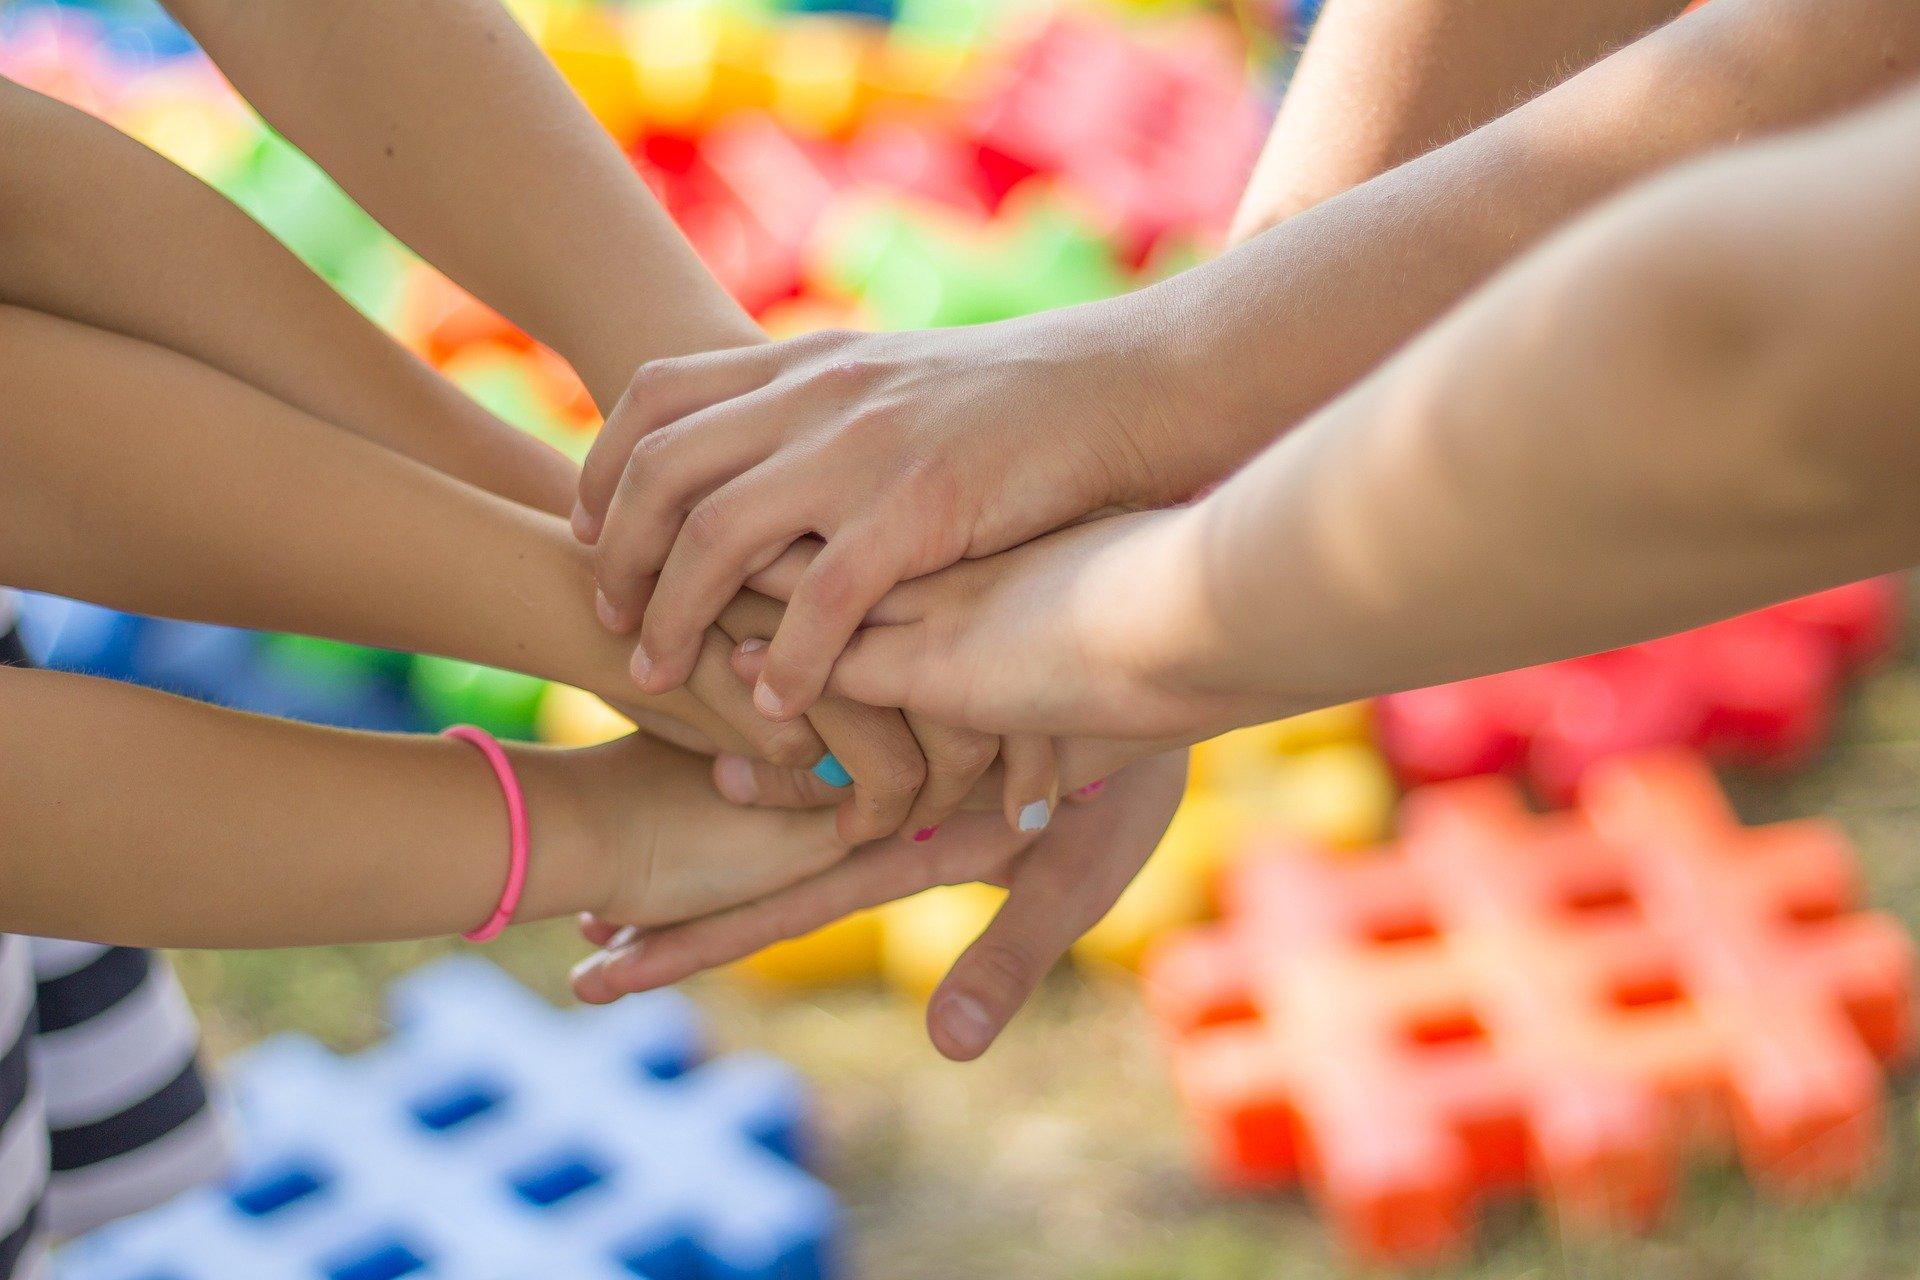 La Ley Orgánica de Protección Integral a la Infancia y la Adolescencia frente a la violencia y su repercusión en los centros educativos